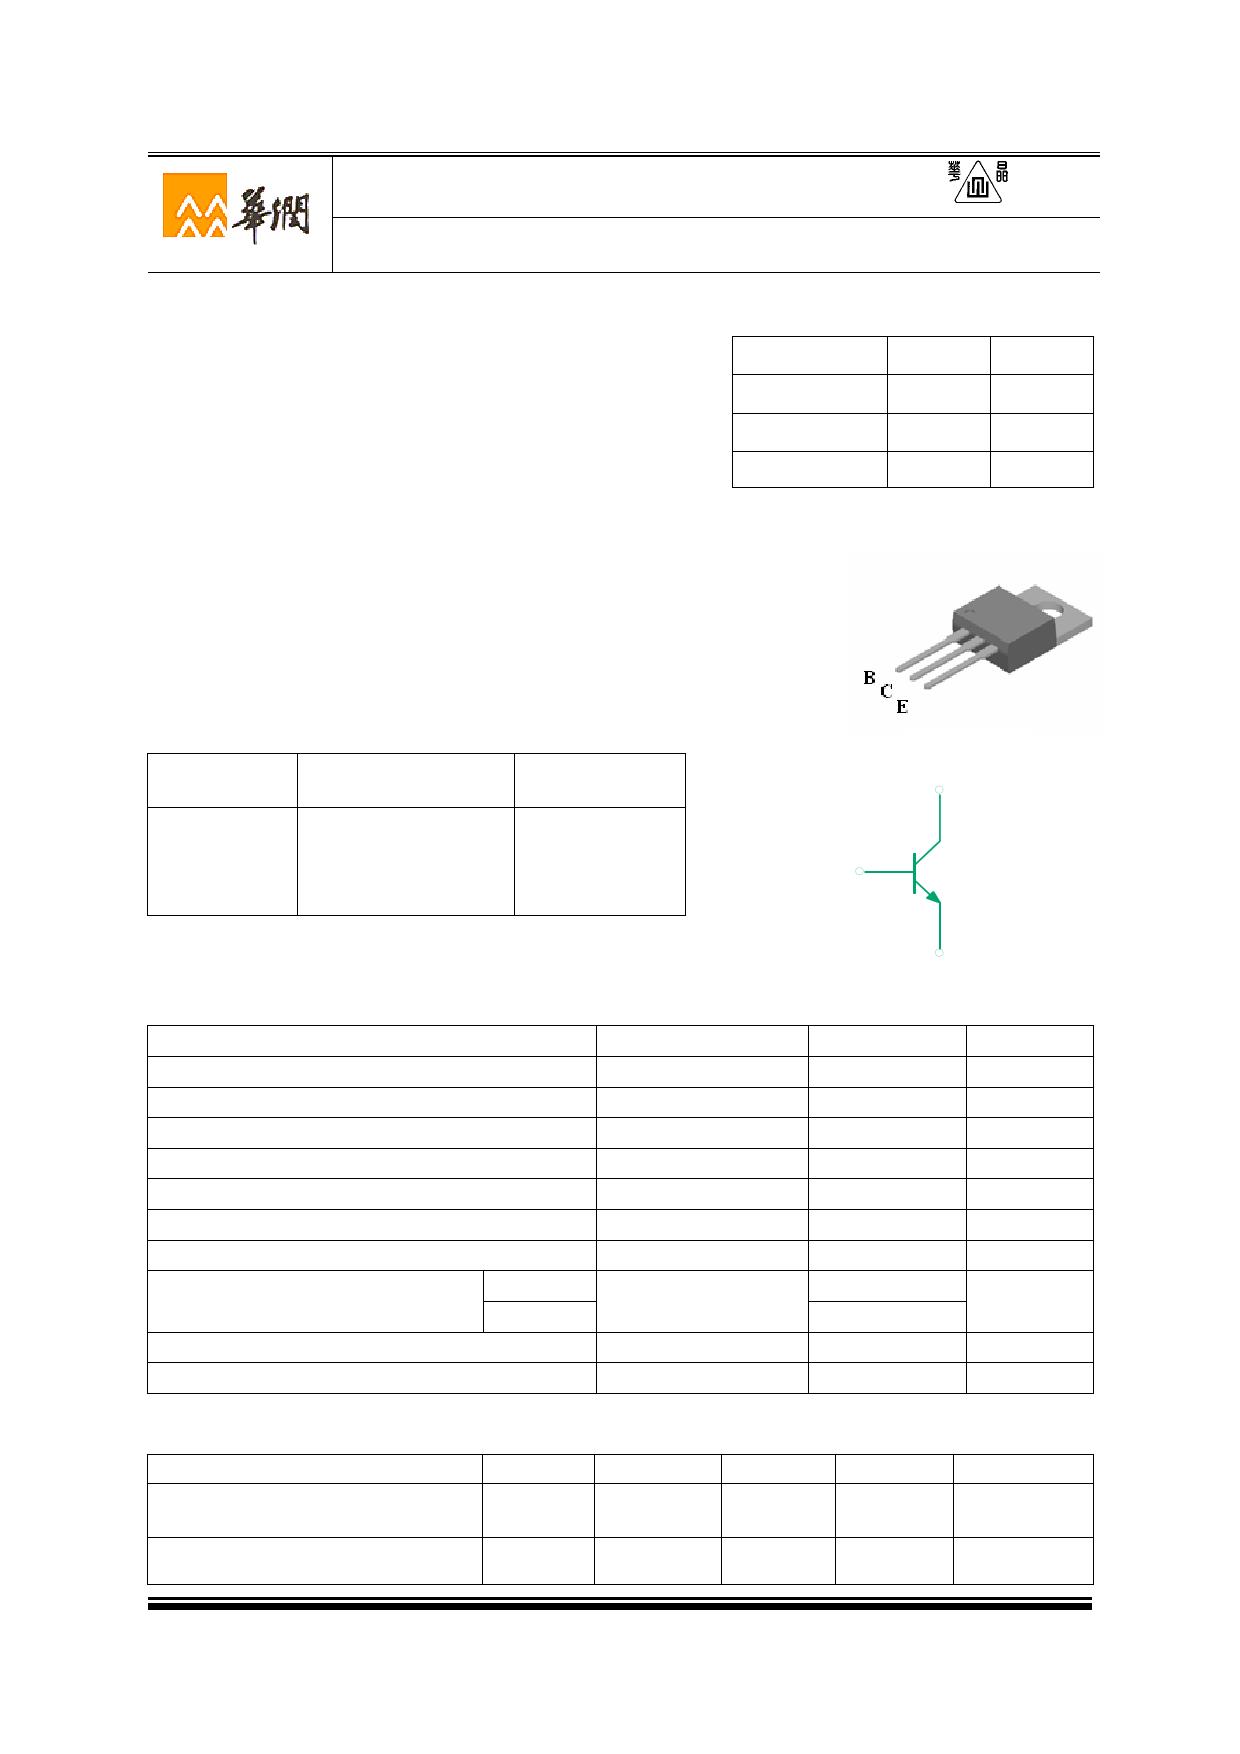 3DD13009A8 Datasheet, 3DD13009A8 PDF,ピン配置, 機能